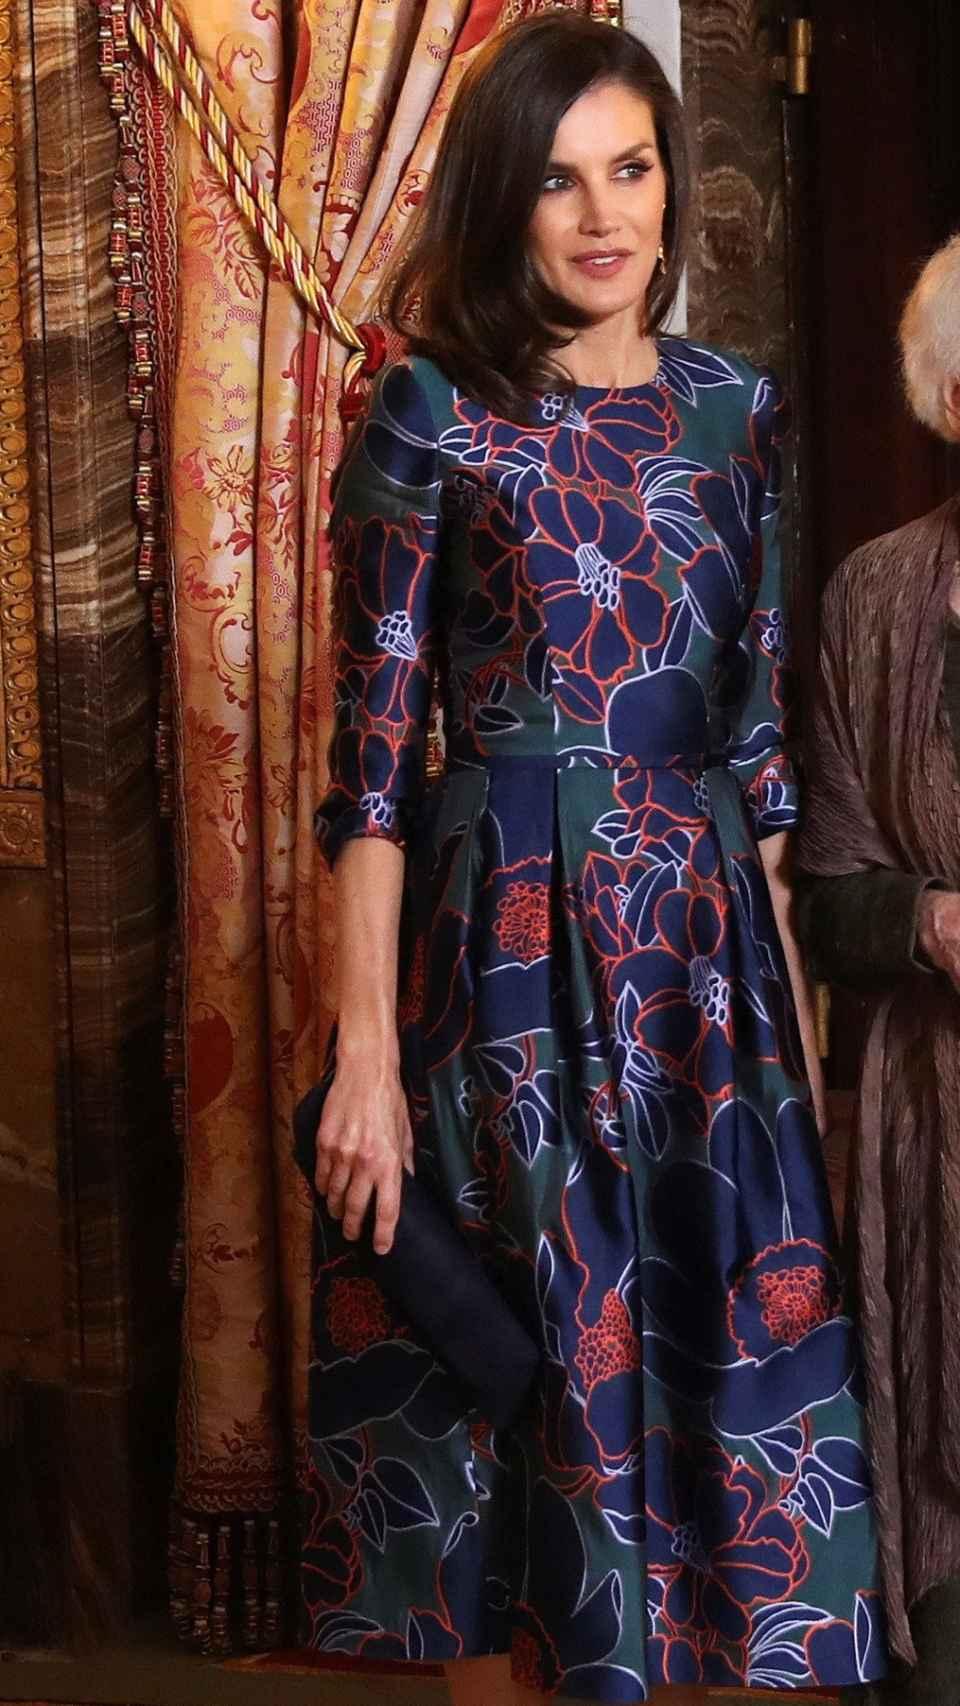 La reina Letizia ha vuelto a lucir el vestido de Carolina Herrera que escogió para su última visita a Londres.